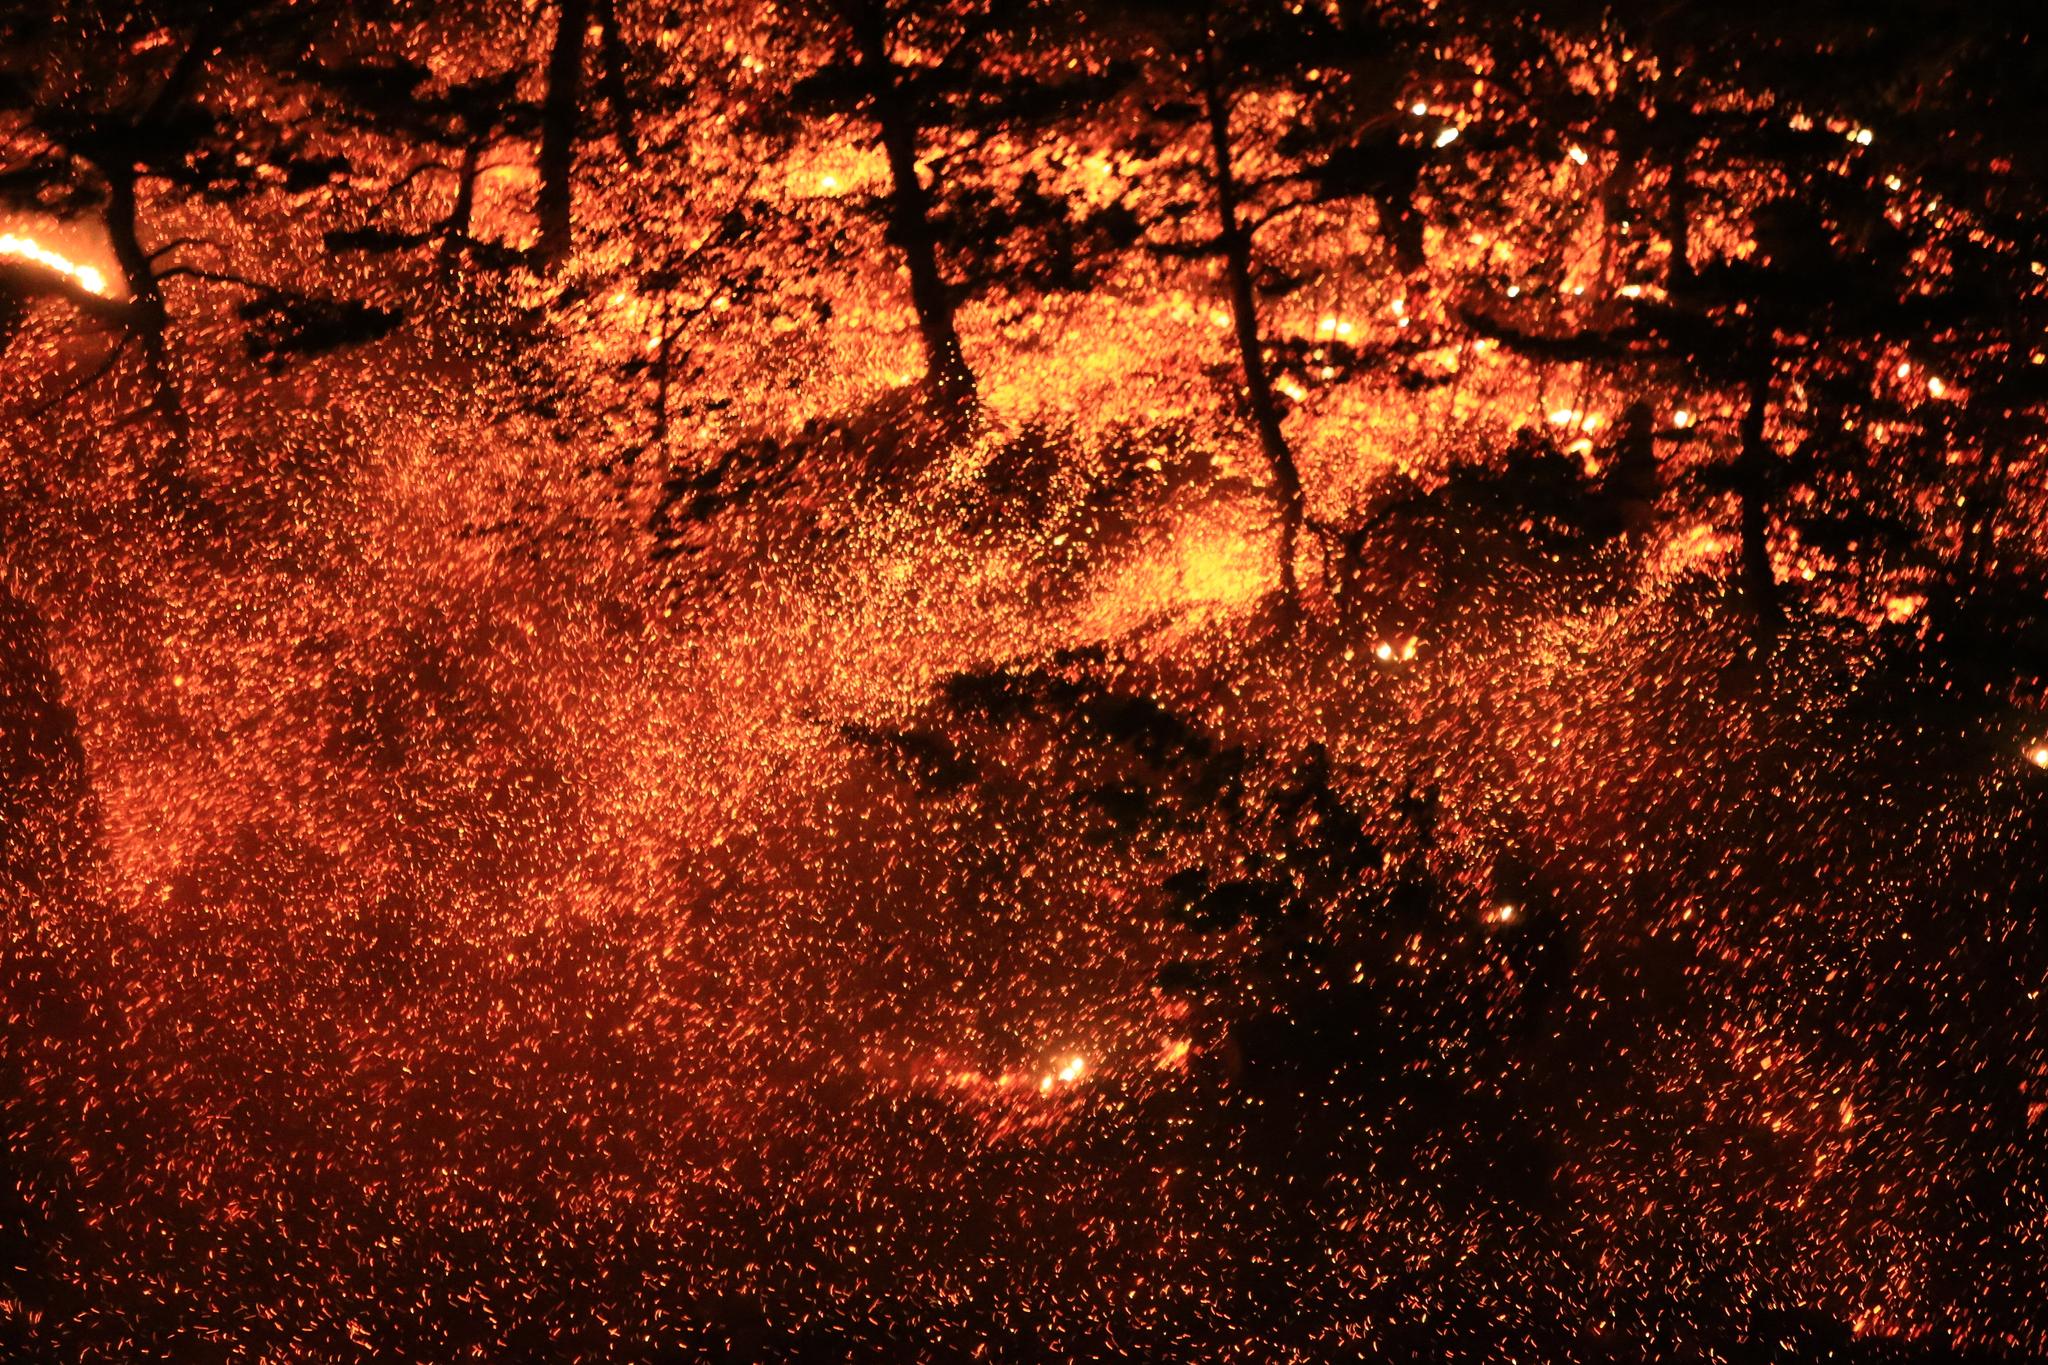 지난 5월 1일 강원 고성군 토성면 도원리에서 발생해 강한 바람을 타고 주변지역으로 번진 산불이 맹렬한 기세로 산림을 집어삼키고 있다. 연합뉴스